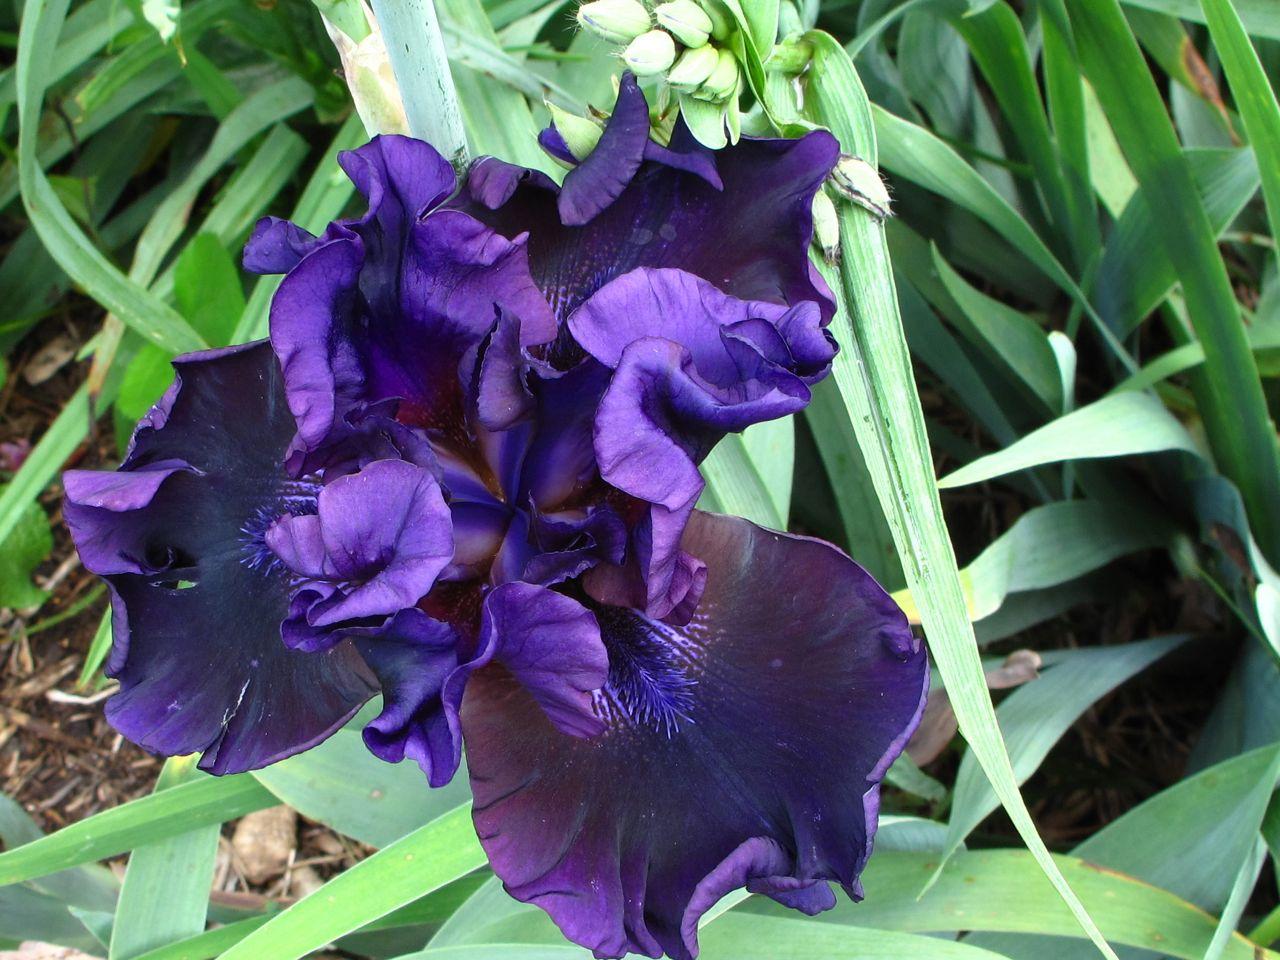 Pbmgarden sense of place purpose rejuvenation and joy page 87 iris germanica bearded iris 4 izmirmasajfo